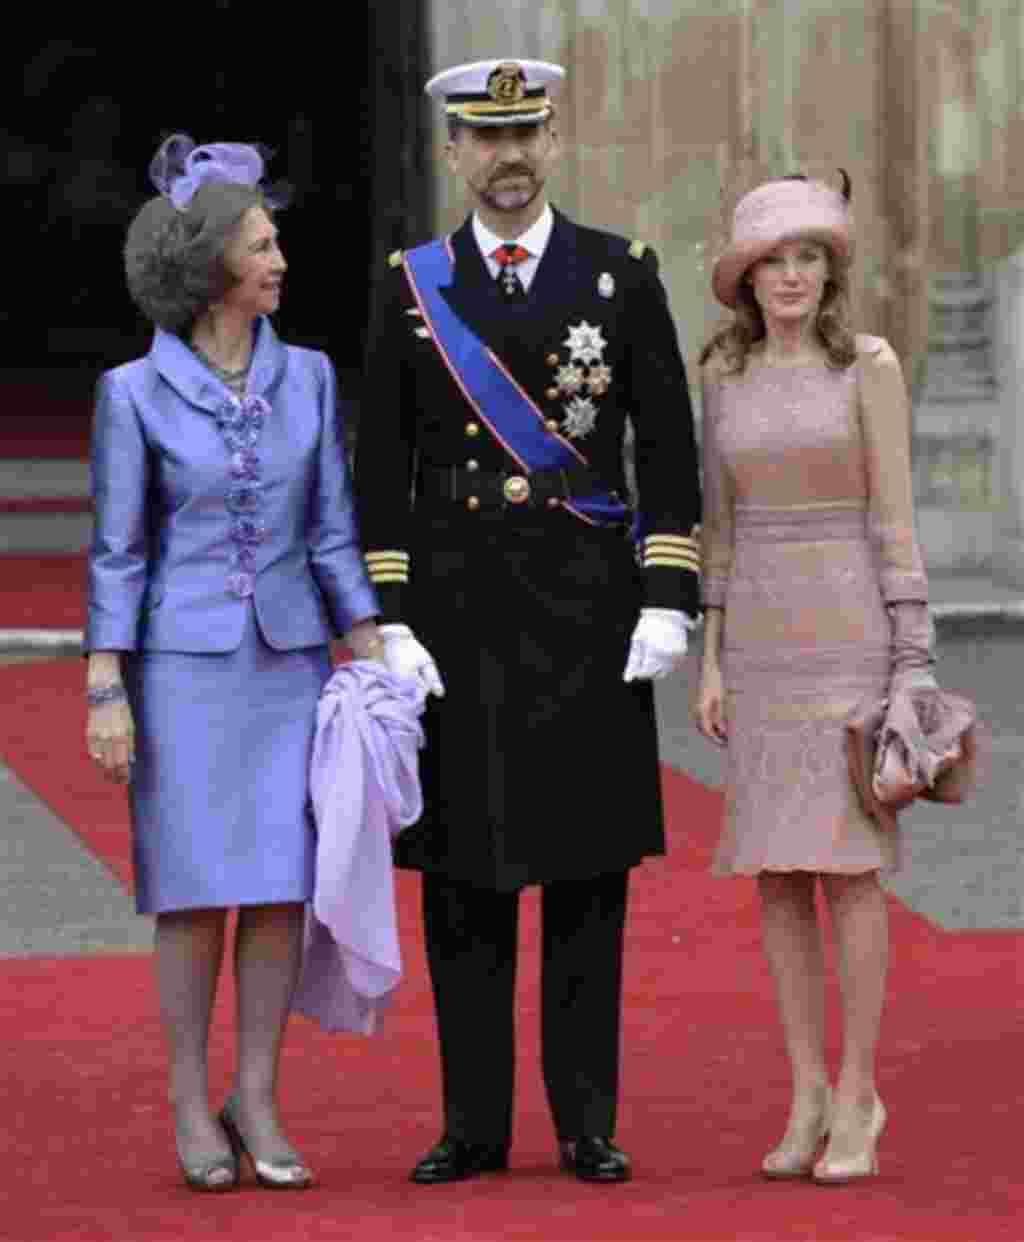 El príncipe Felipe de España junto a la princesa Letizia y a la reina Sofía de España (izquierda) fuera de la Abadía de Westminster.